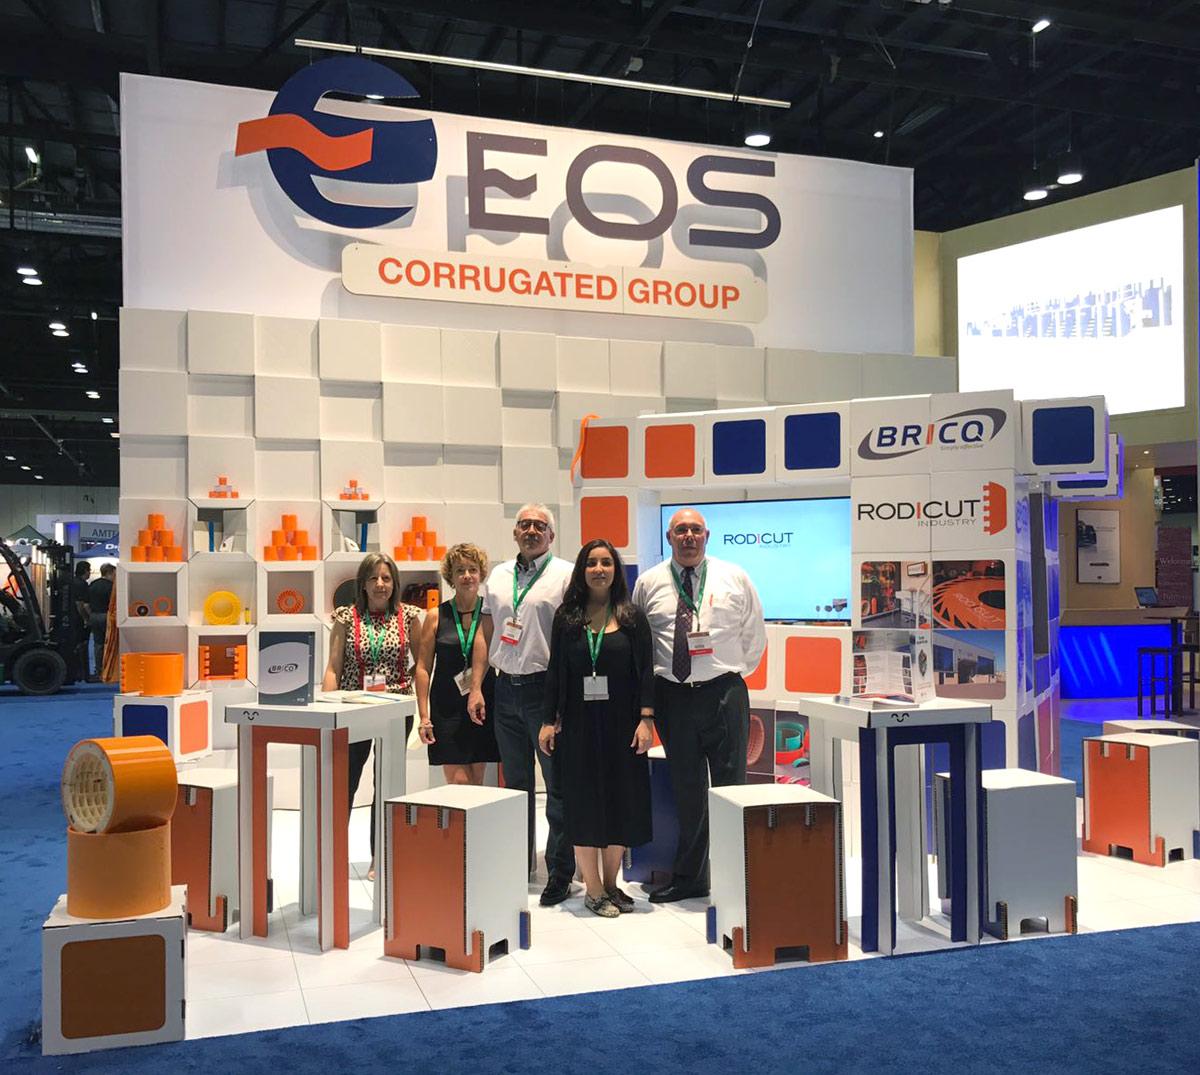 stand-eos-group-modular-carton-cartonlab-orlando-4